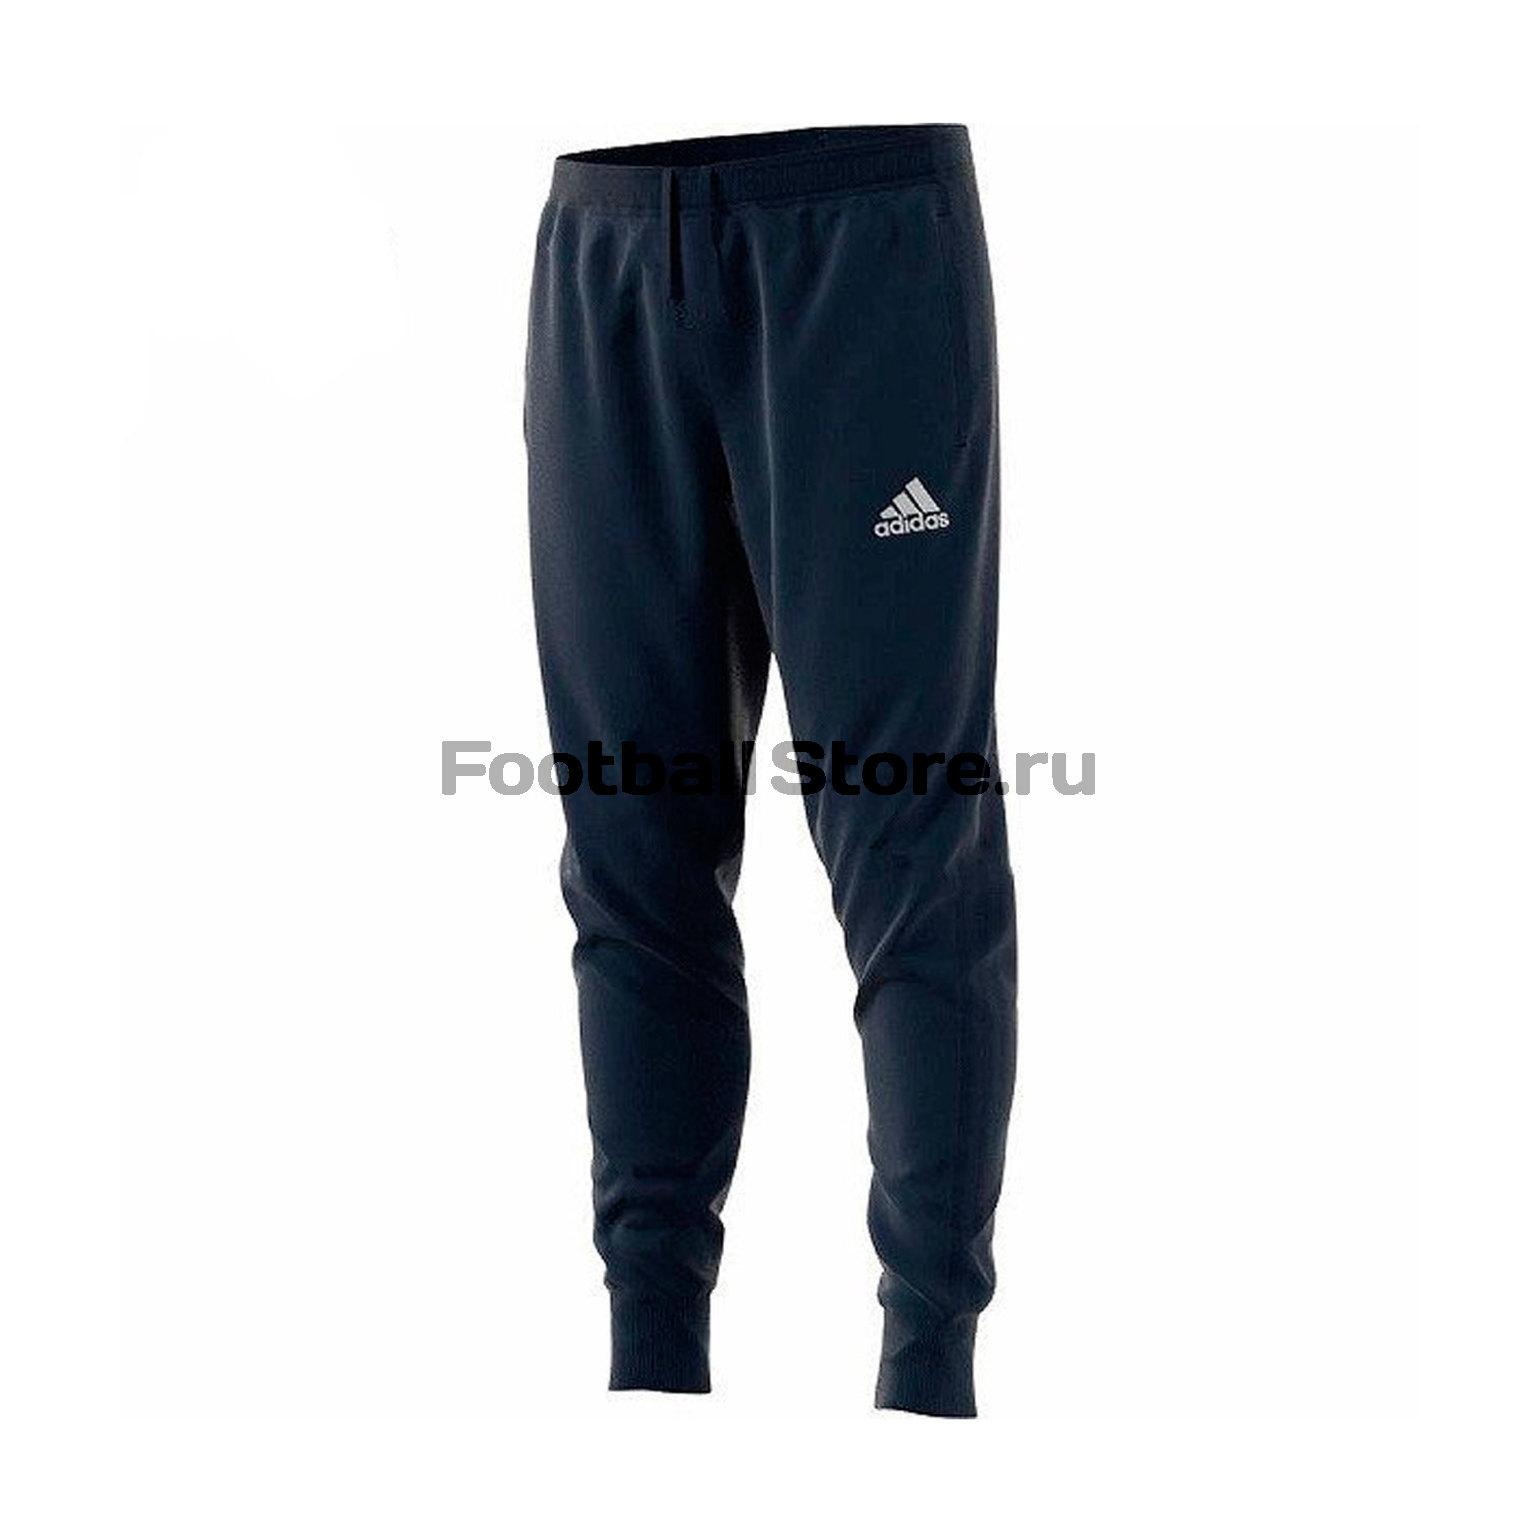 Брюки тренировочные Adidas Tiro17 SWT PNT BQ2678 брюки adidas брюки тренировочные adidas tiro17 rn pnt ay2896